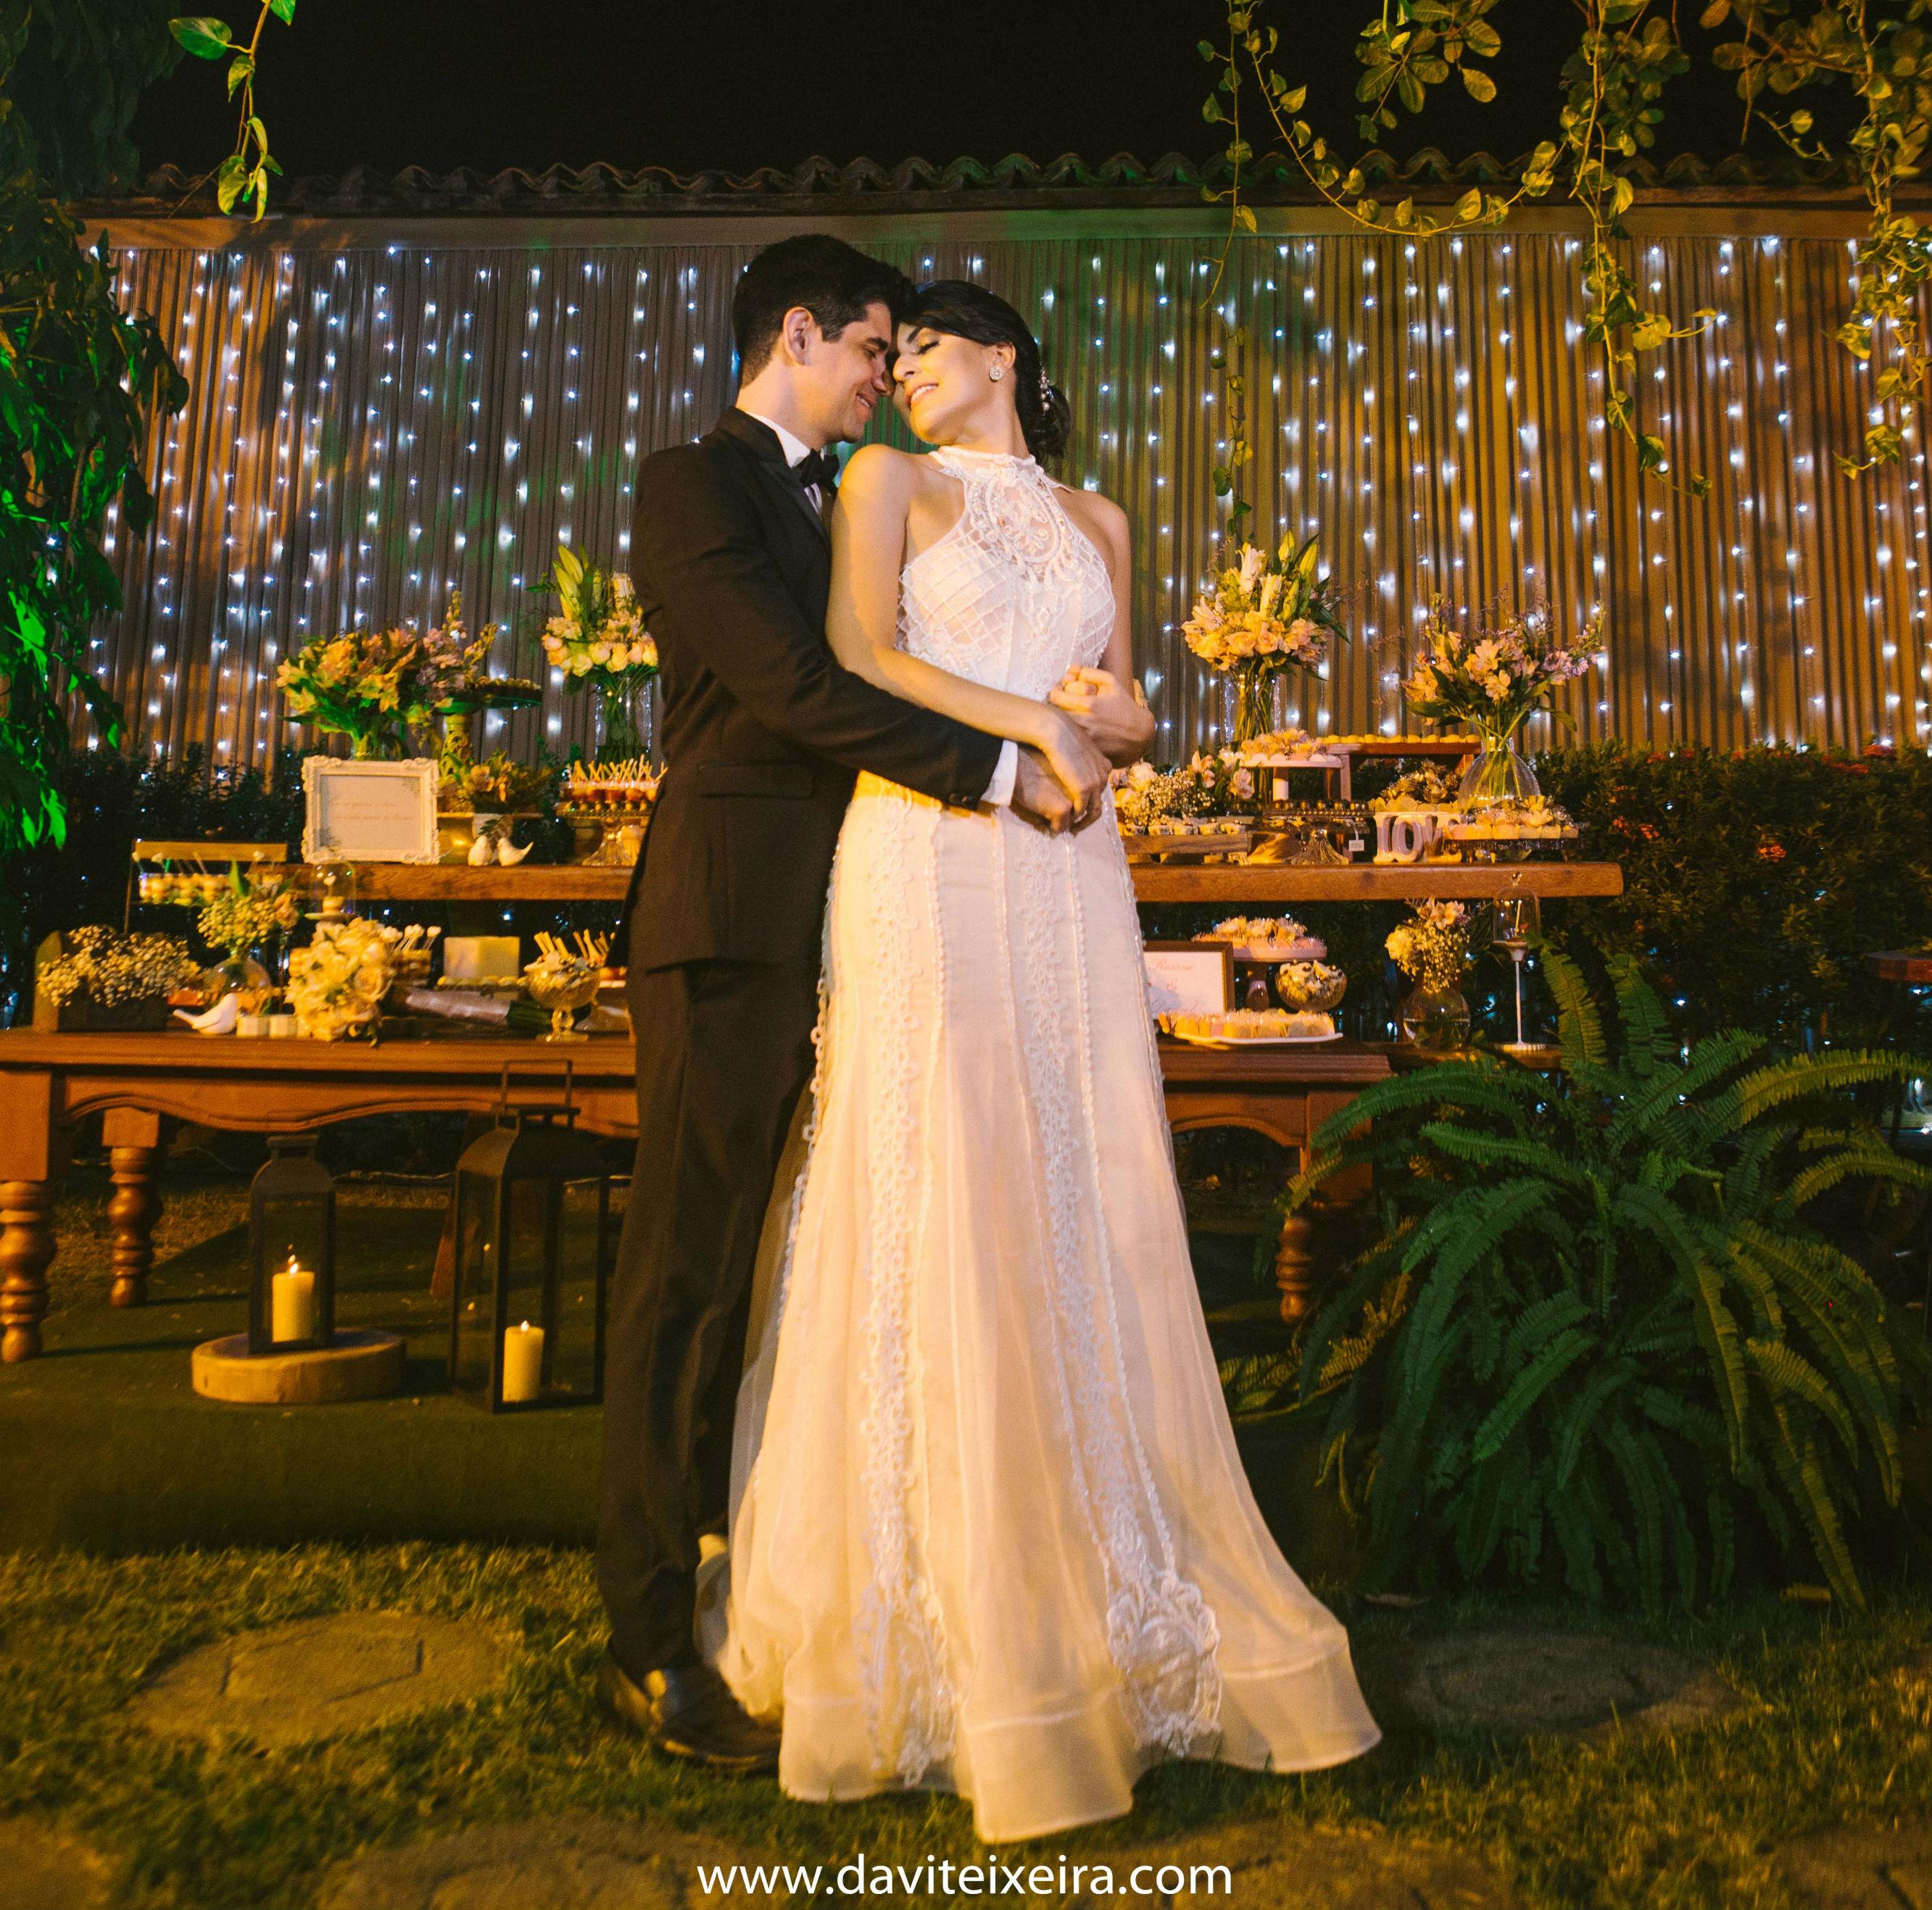 Raíssa e Daniel casaram no dia 15 de julho (FOTO: Davi Teixeira)